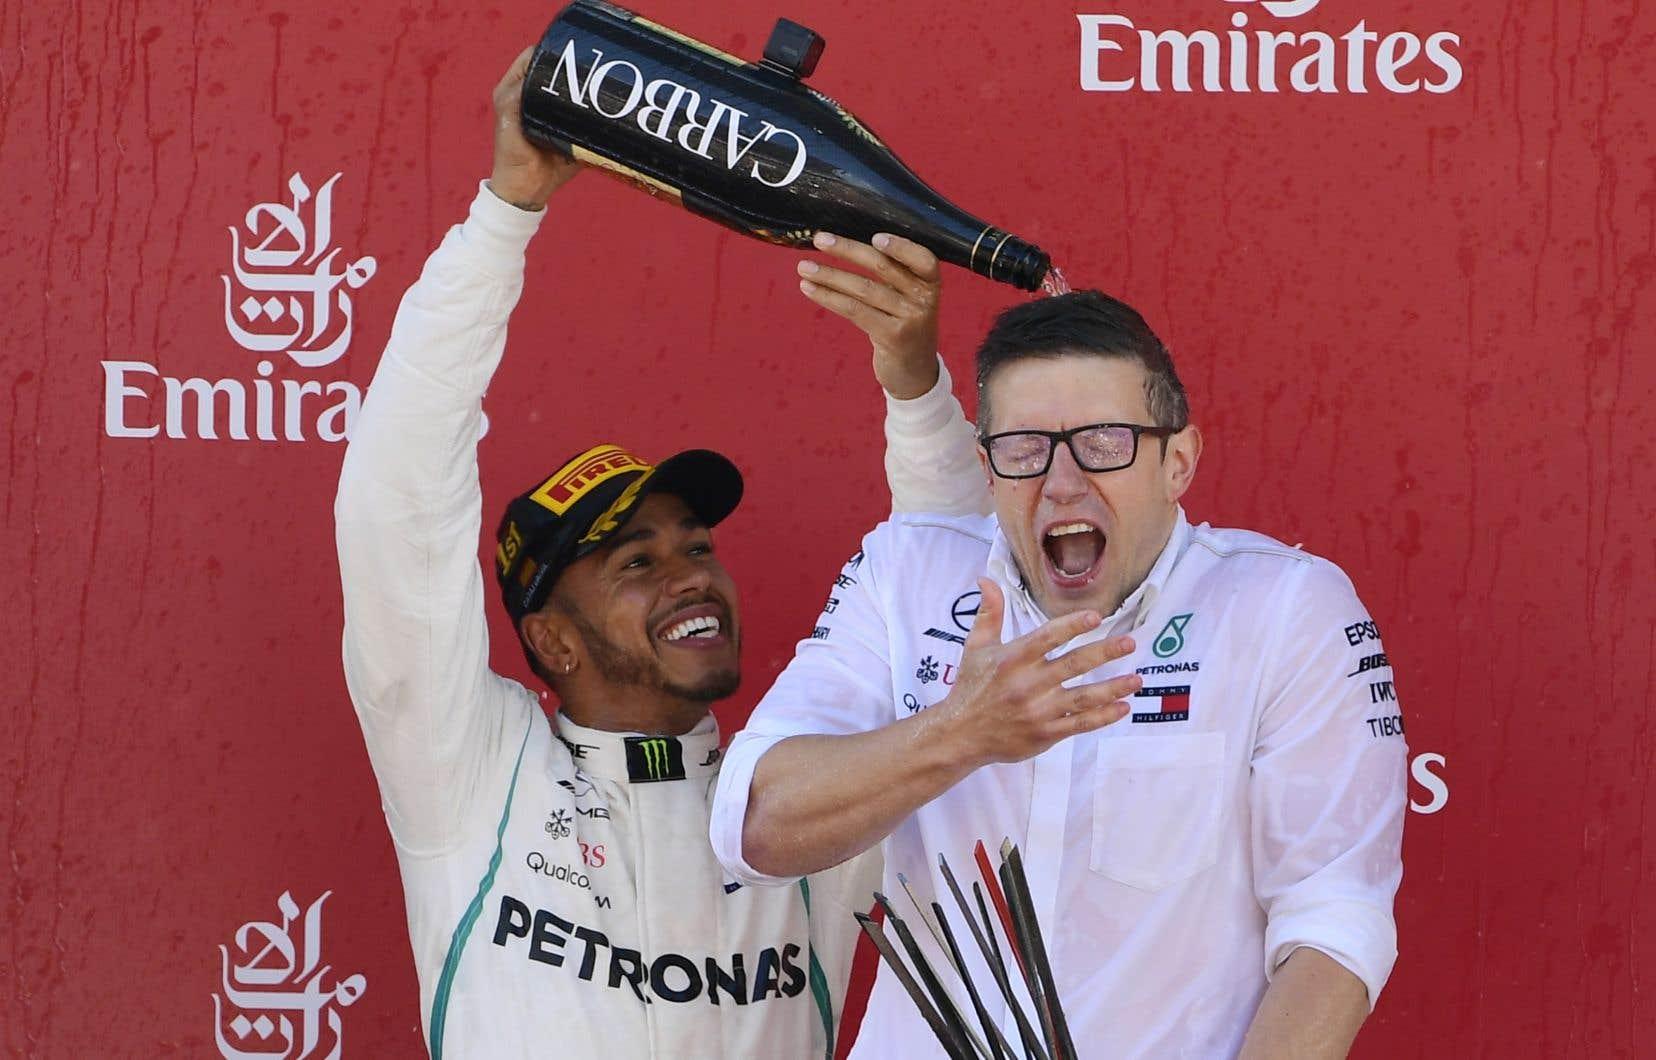 Lewis Hamilton et l'un de ses ingénieurs célèbrent la victoire de Mercedes au Grand Prix d'Espagne.